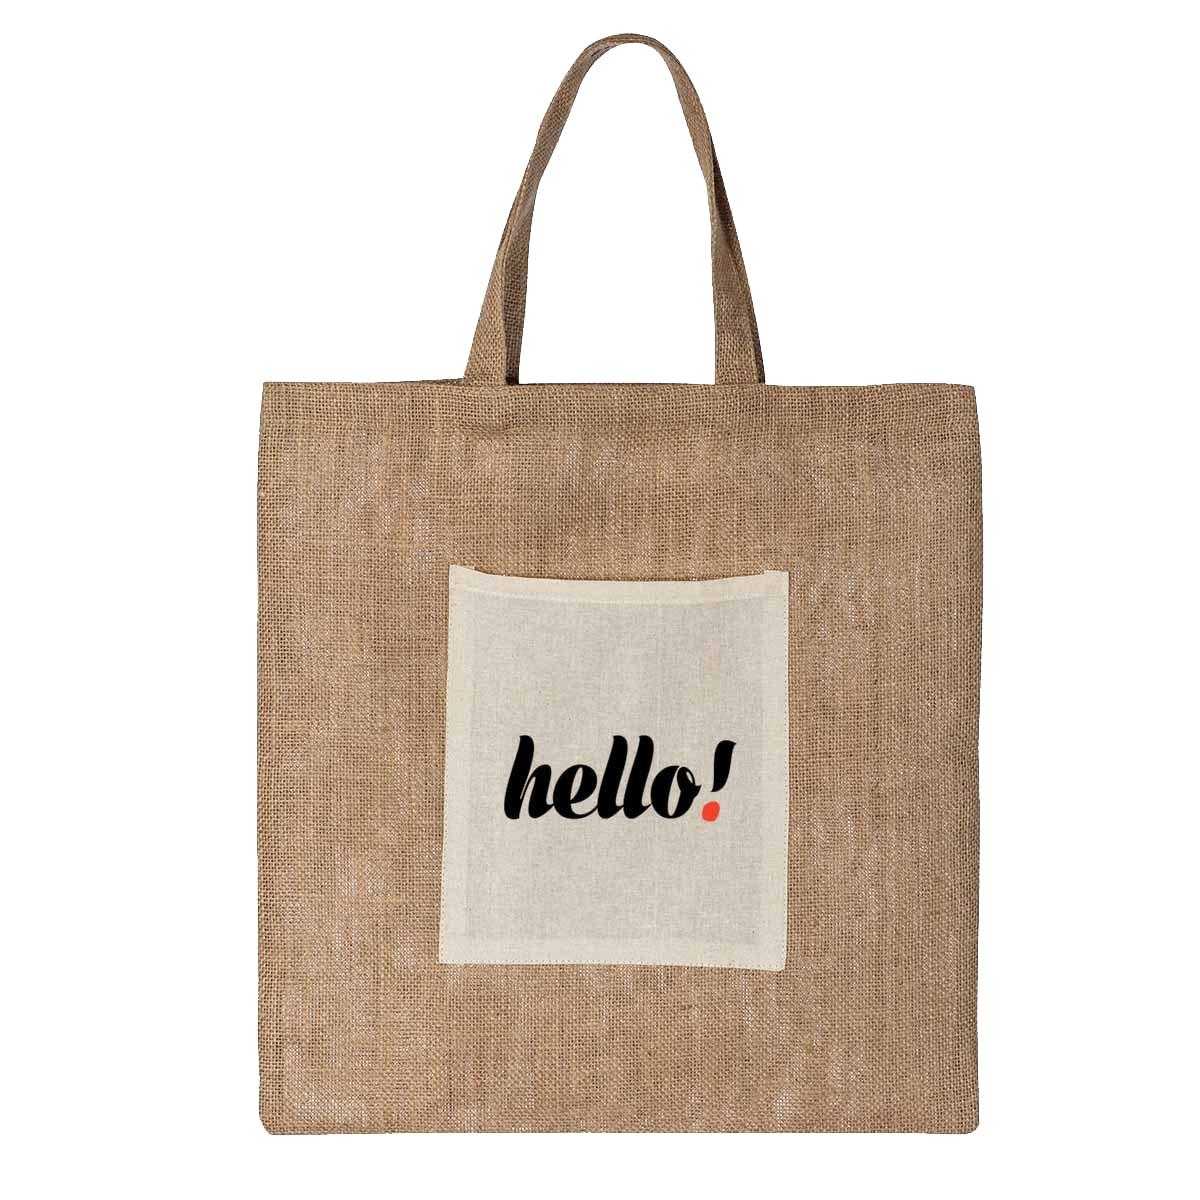 torba jutowa logo kieszonka - Torba jutowa z logo - kieszonka